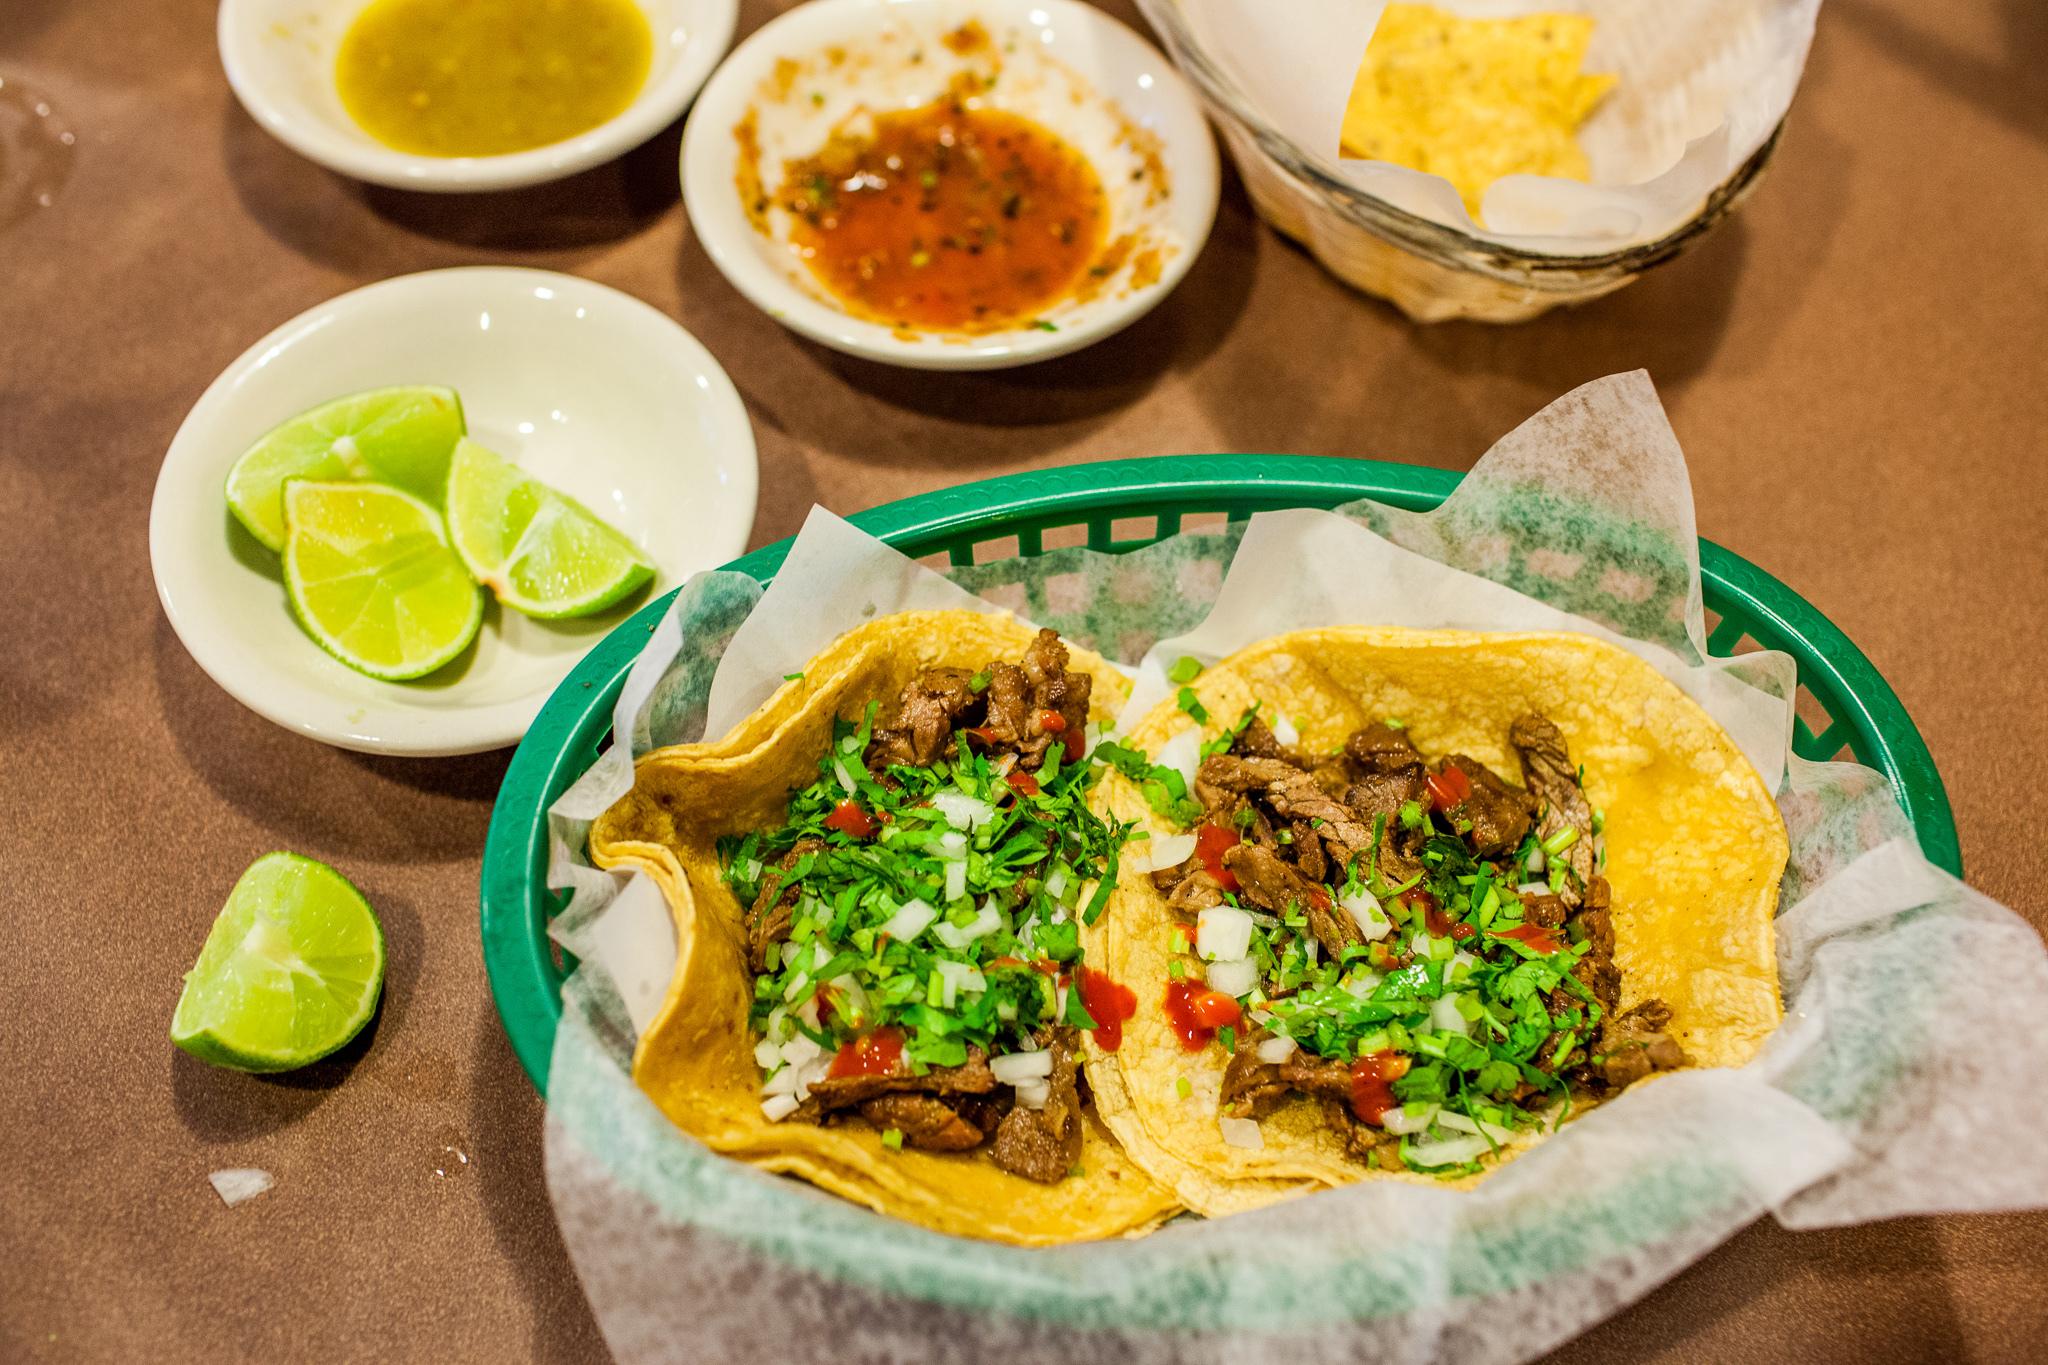 Carne asada at Tio Luis Tacos